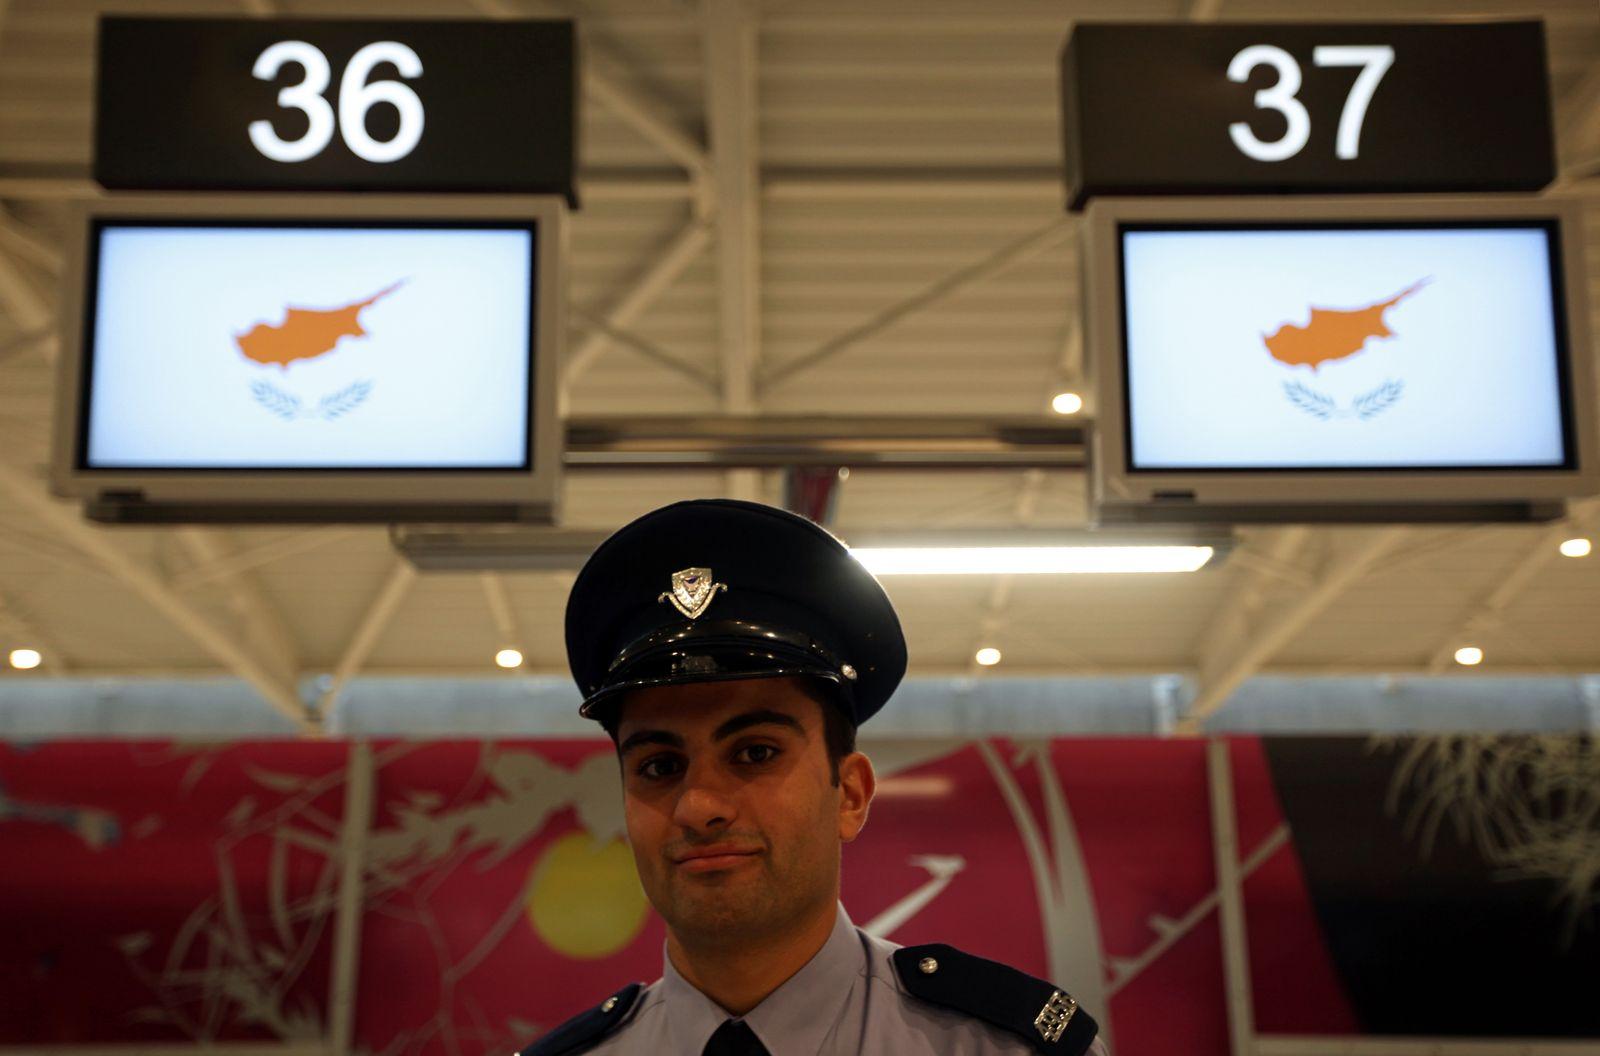 Zypern / Flughafen Larnaca; Checkin; polizist